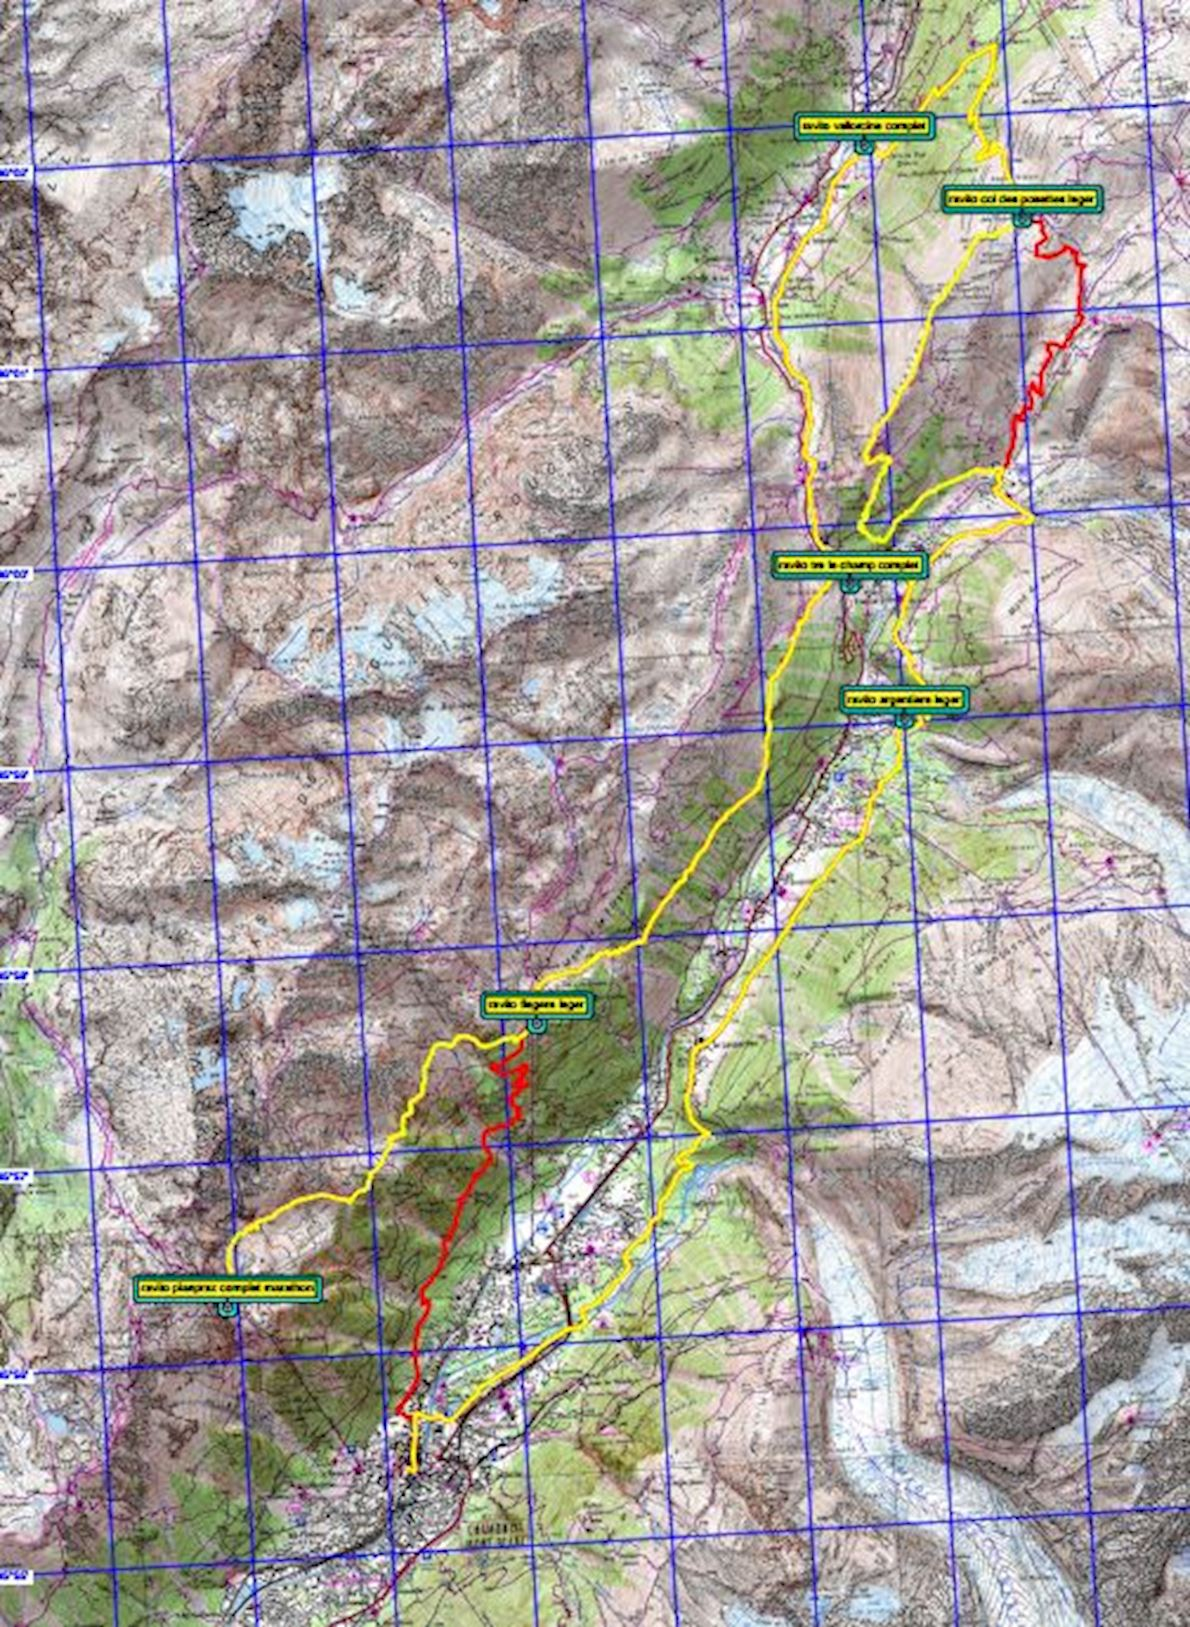 Marathon du Mont-Blanc Route Map